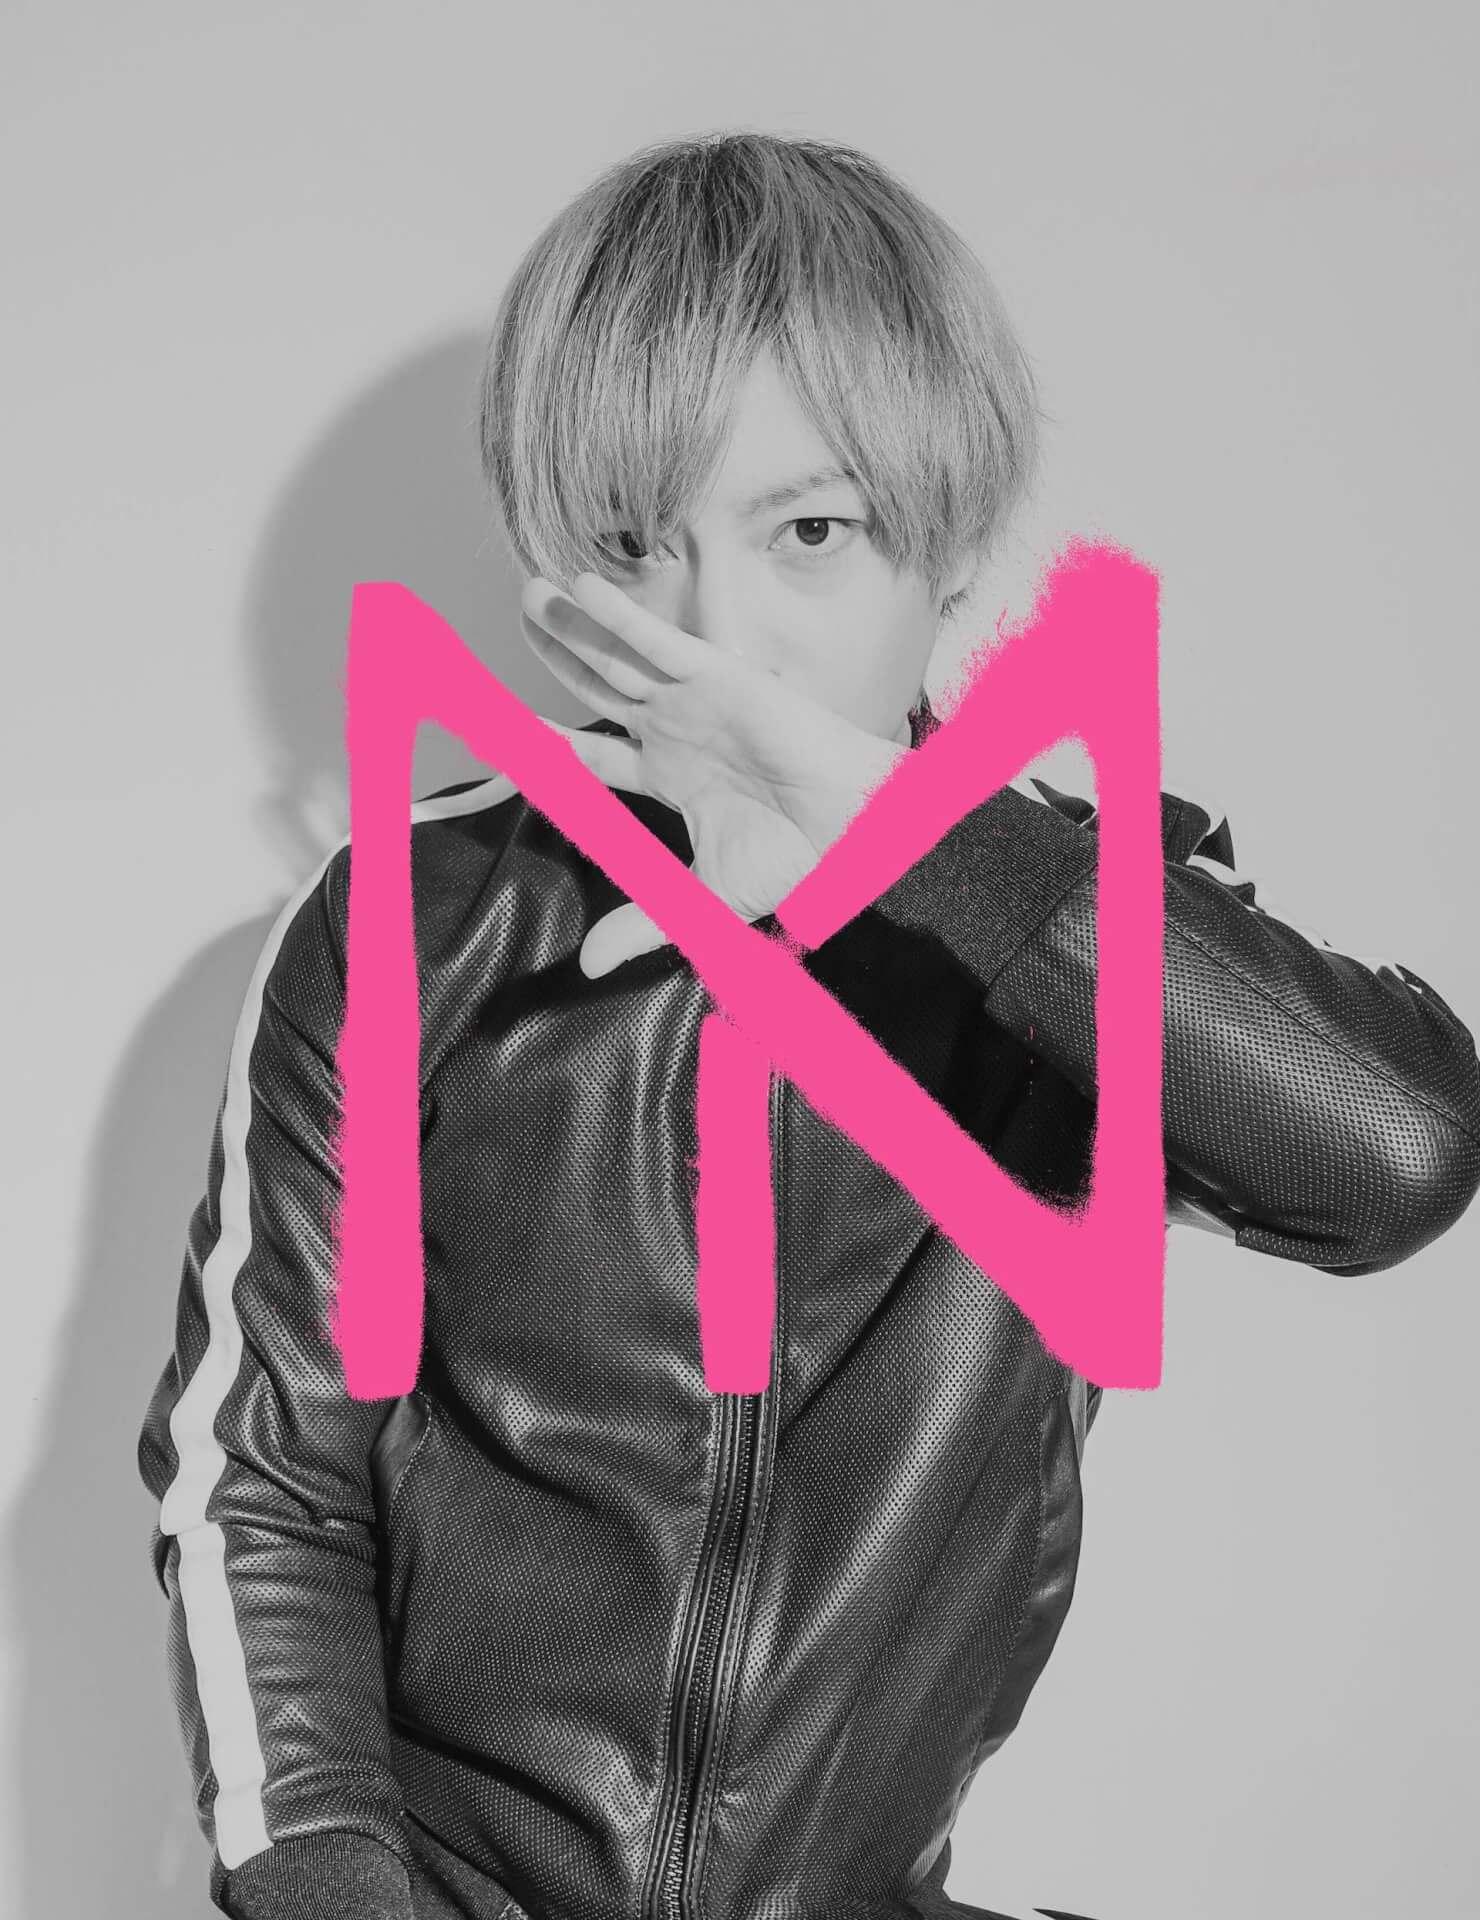 渋谷・SOUND MUSEUM VISIONにて、毎年恒例のハロウィンイベントが3日間に渡り開催|m-flo、tofubeats、中田ヤスタカらが登場 Nakata-Yasutaka